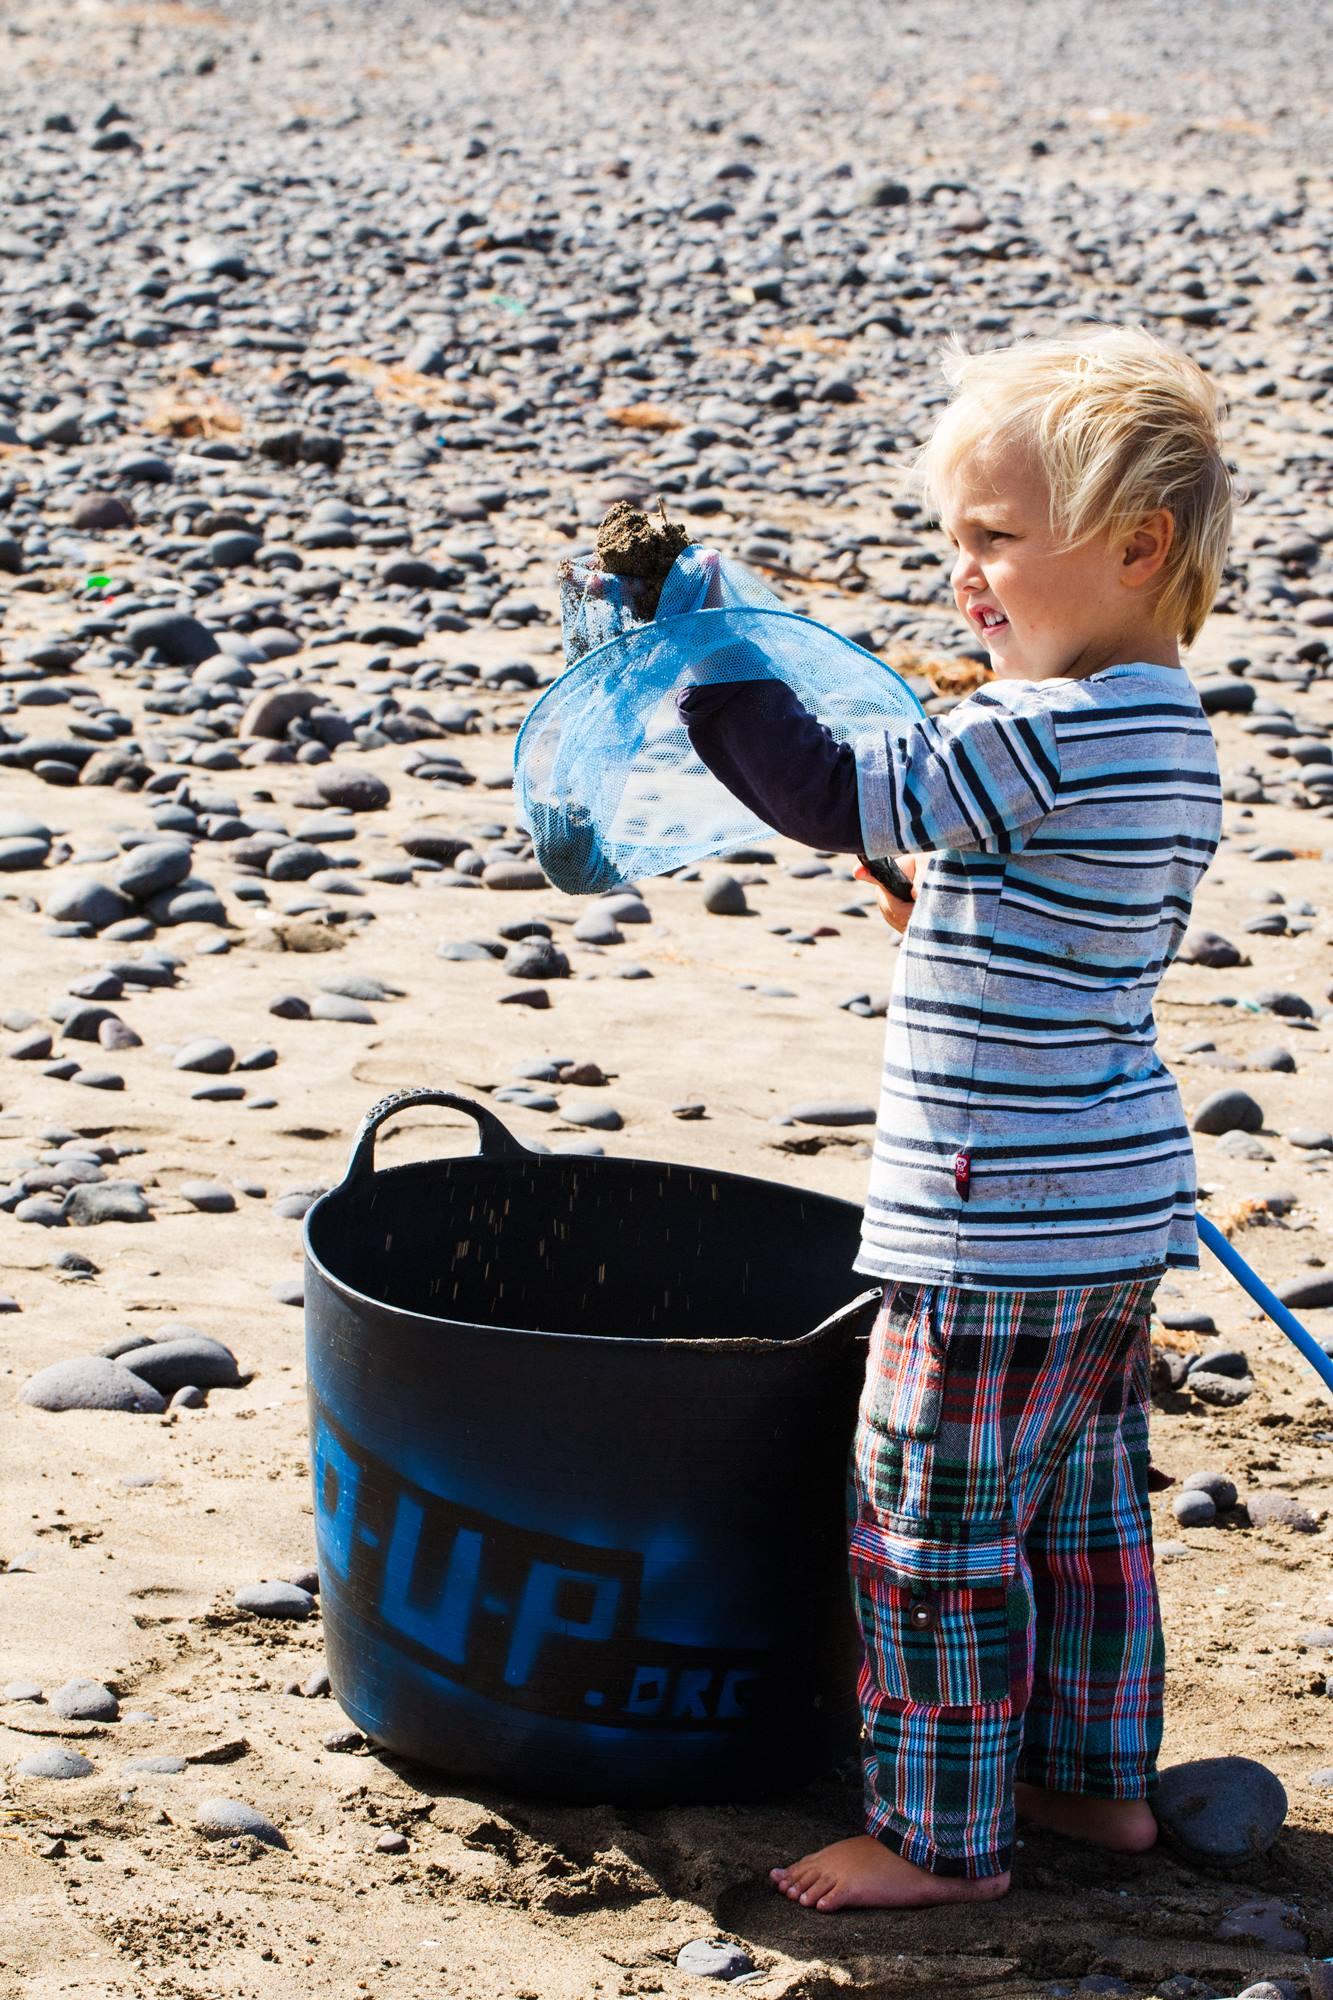 Clean Up Lanzarote